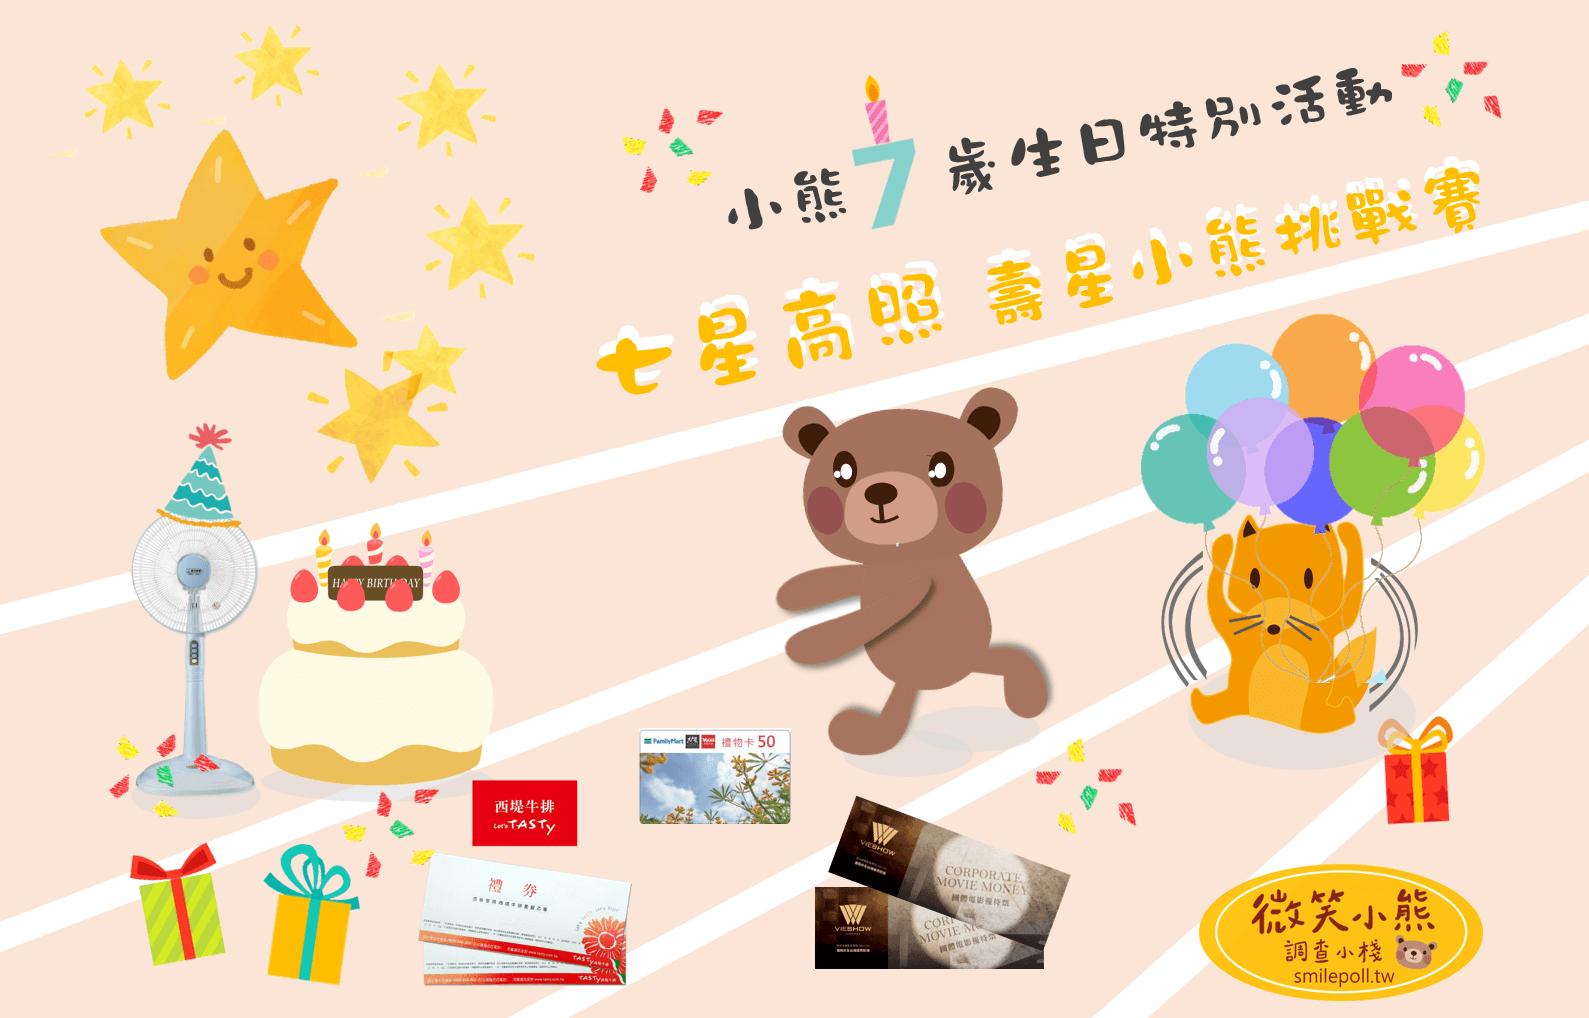 小熊七歲生日特別活動:七星高照 ʕ•ᴥ•ʔ 壽星小熊挑戰賽